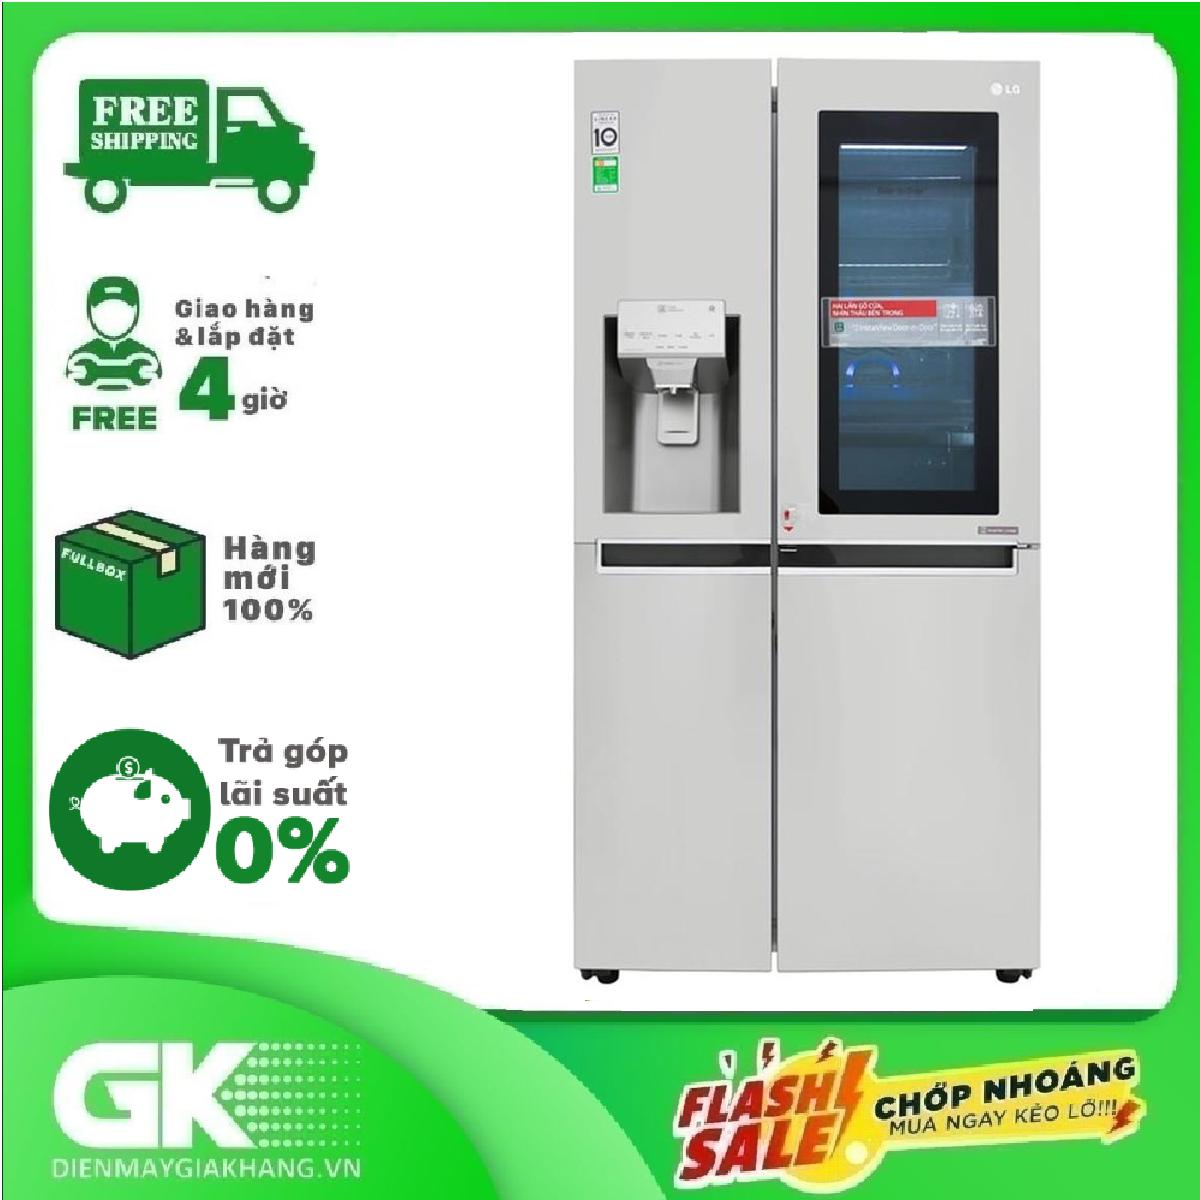 TRẢ GÓP 0% – Tủ lạnh LG Inverter Door-in-Door 601 lít GR-X247JS side by side công nghệ làm lạnh:Làm lạnh đa chiều tiết kiệm điện -Bảo hành 12 tháng